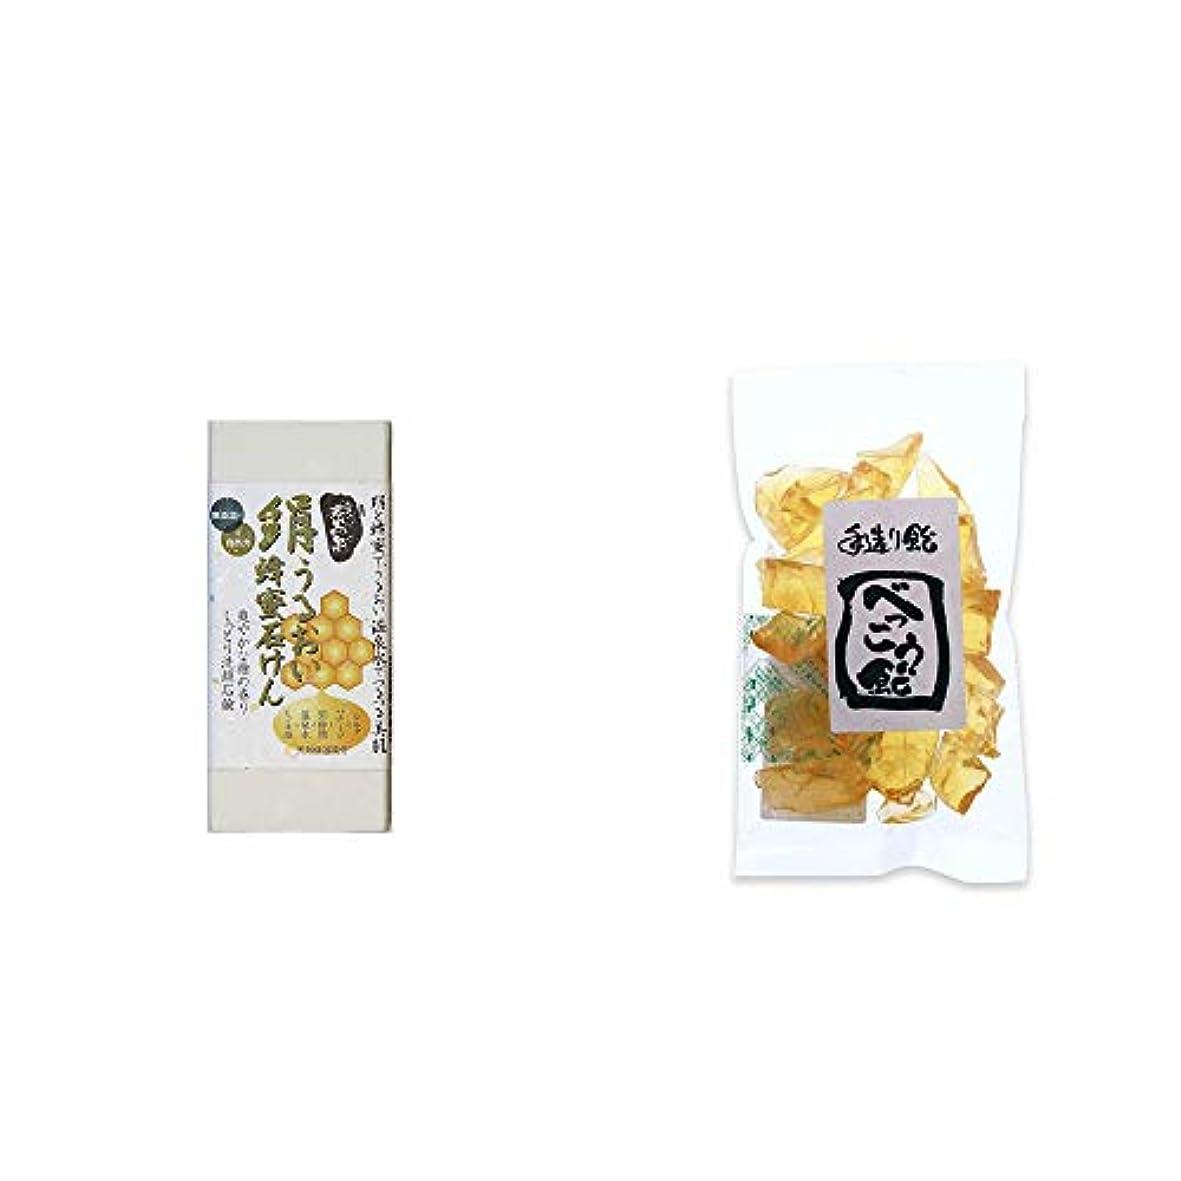 モーテルパーツ愛撫[2点セット] ひのき炭黒泉 絹うるおい蜂蜜石けん(75g×2)?べっこう飴(160g)